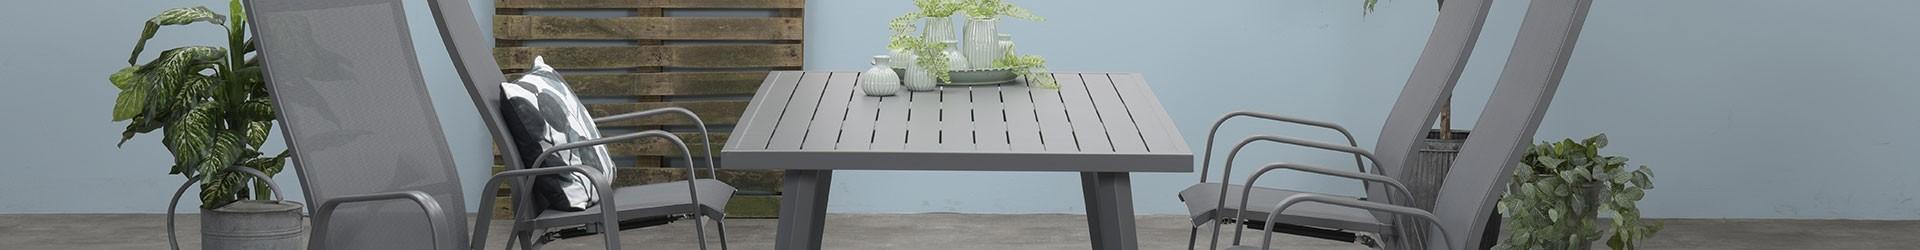 Ronde Aluminium Tuintafel Met Glasplaat.Garden Impressions Tuintafels Tuin Tafel Collectie